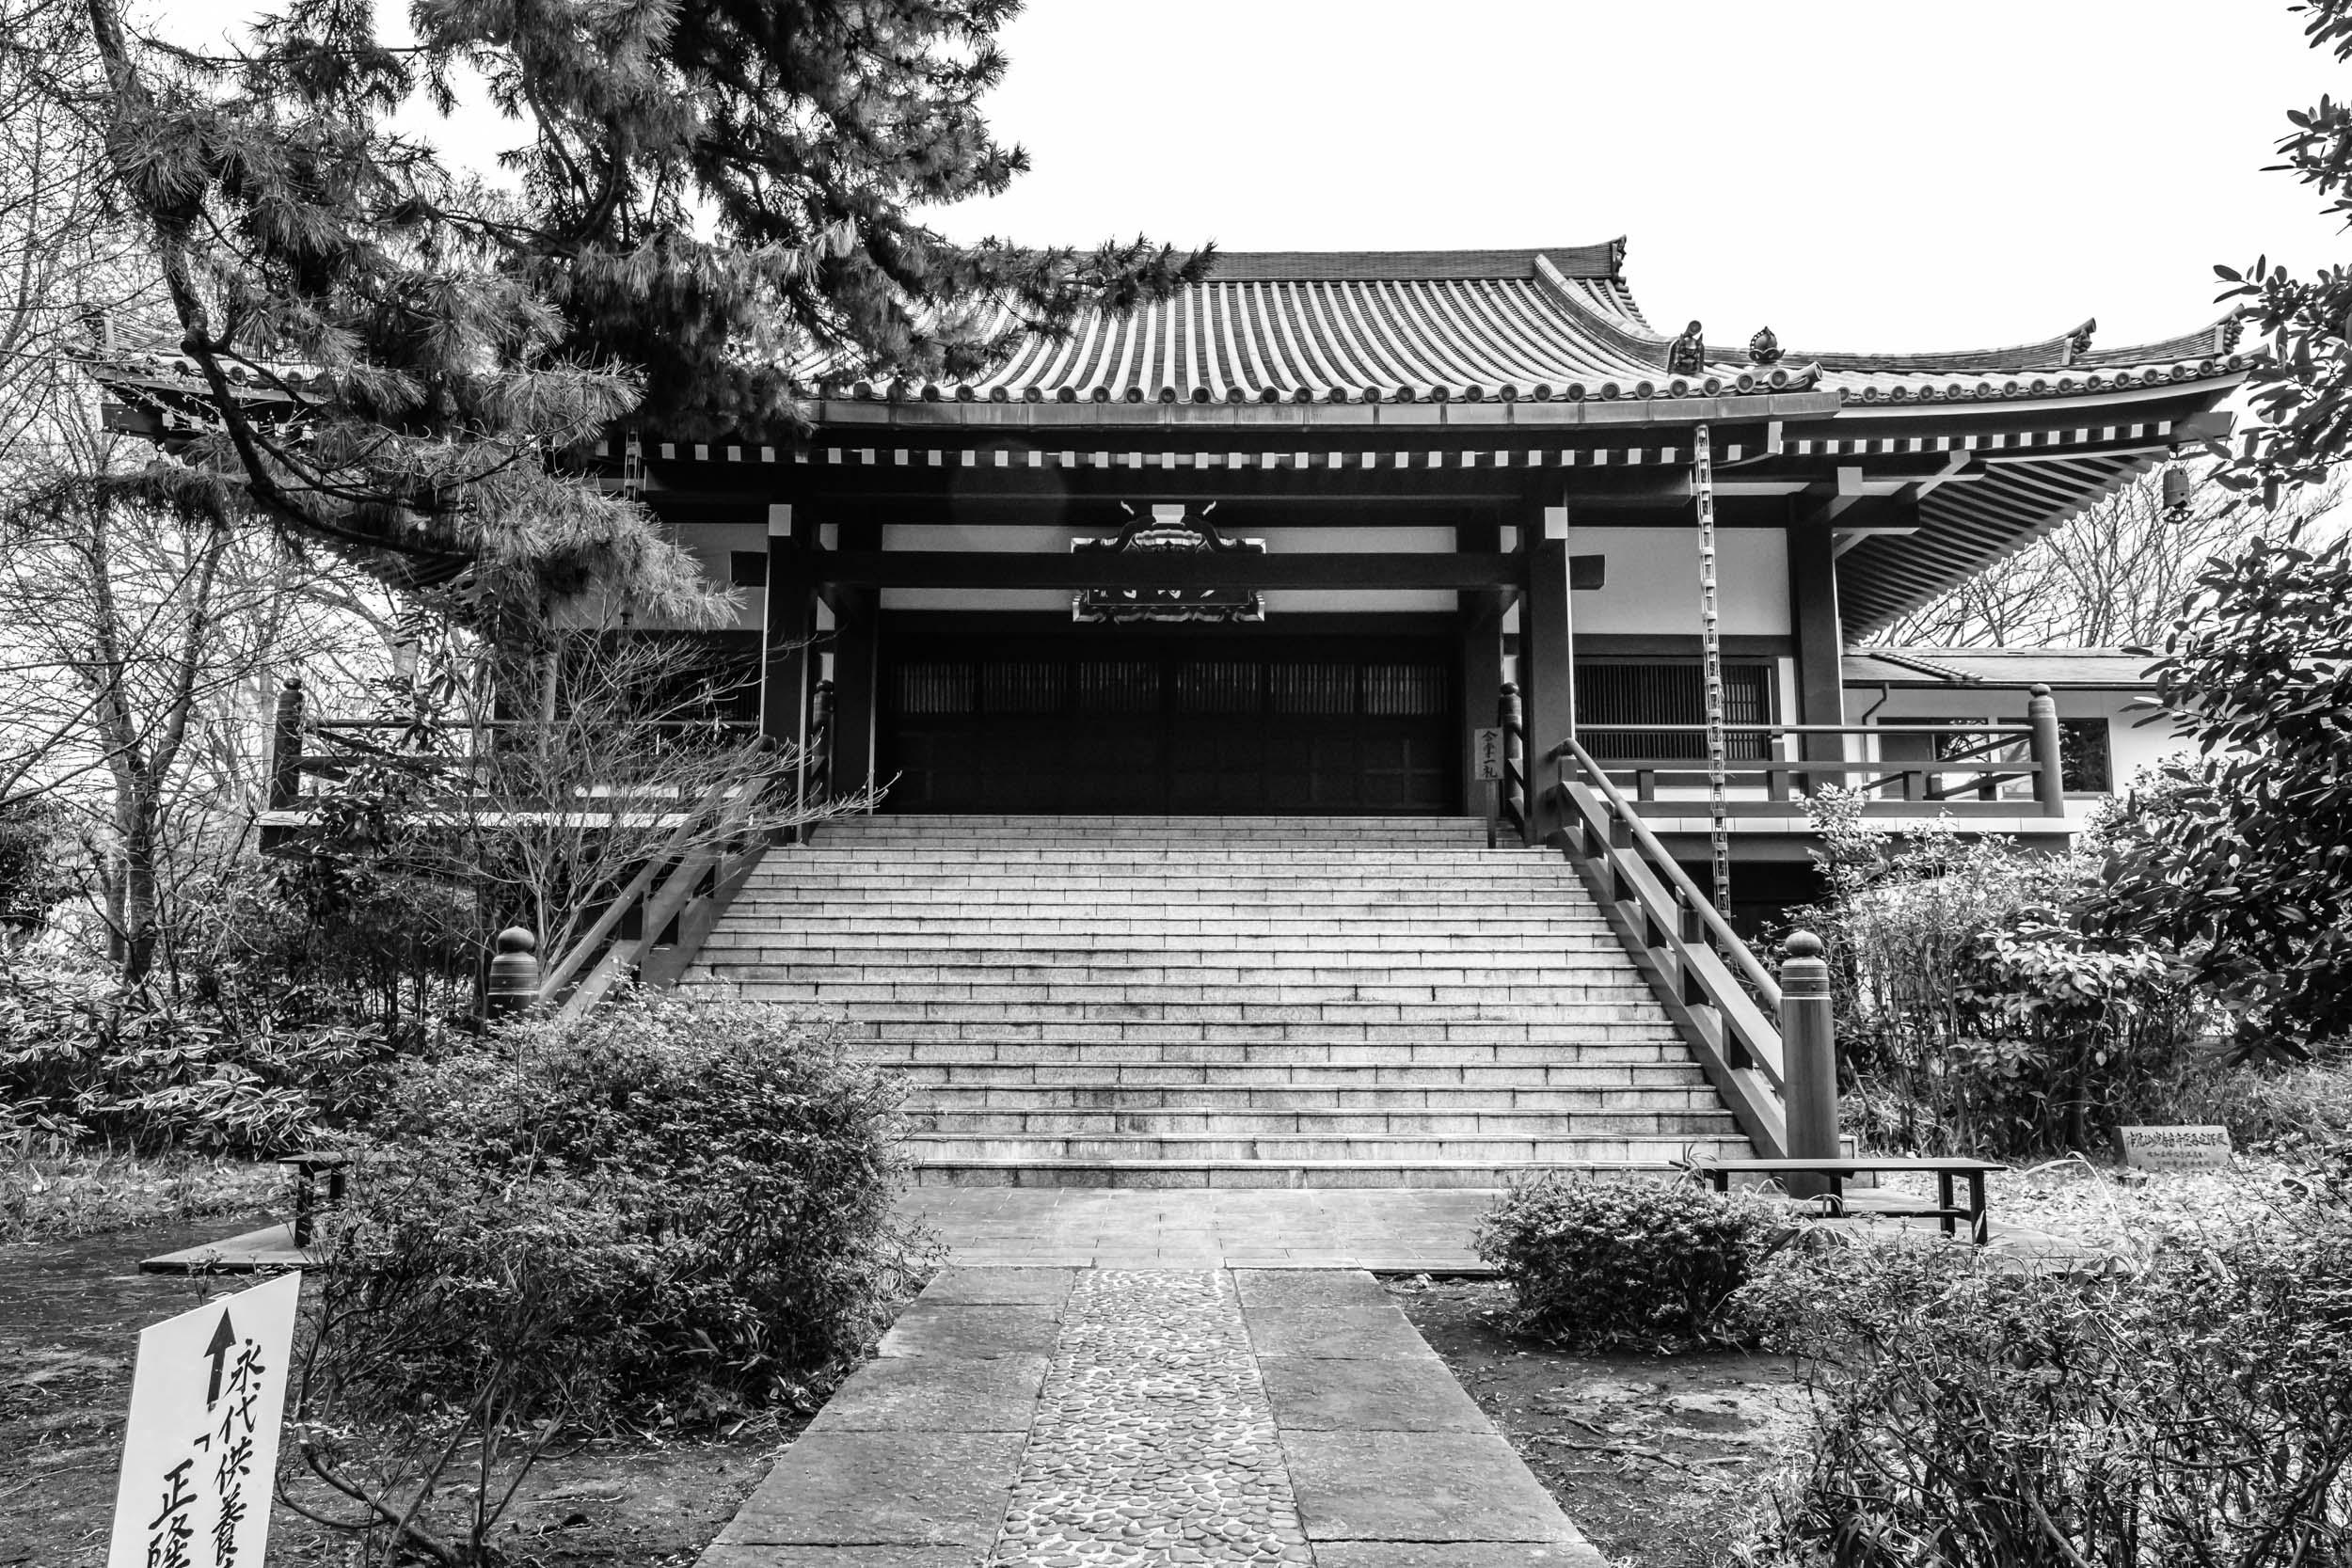 The temple of Myōjūji